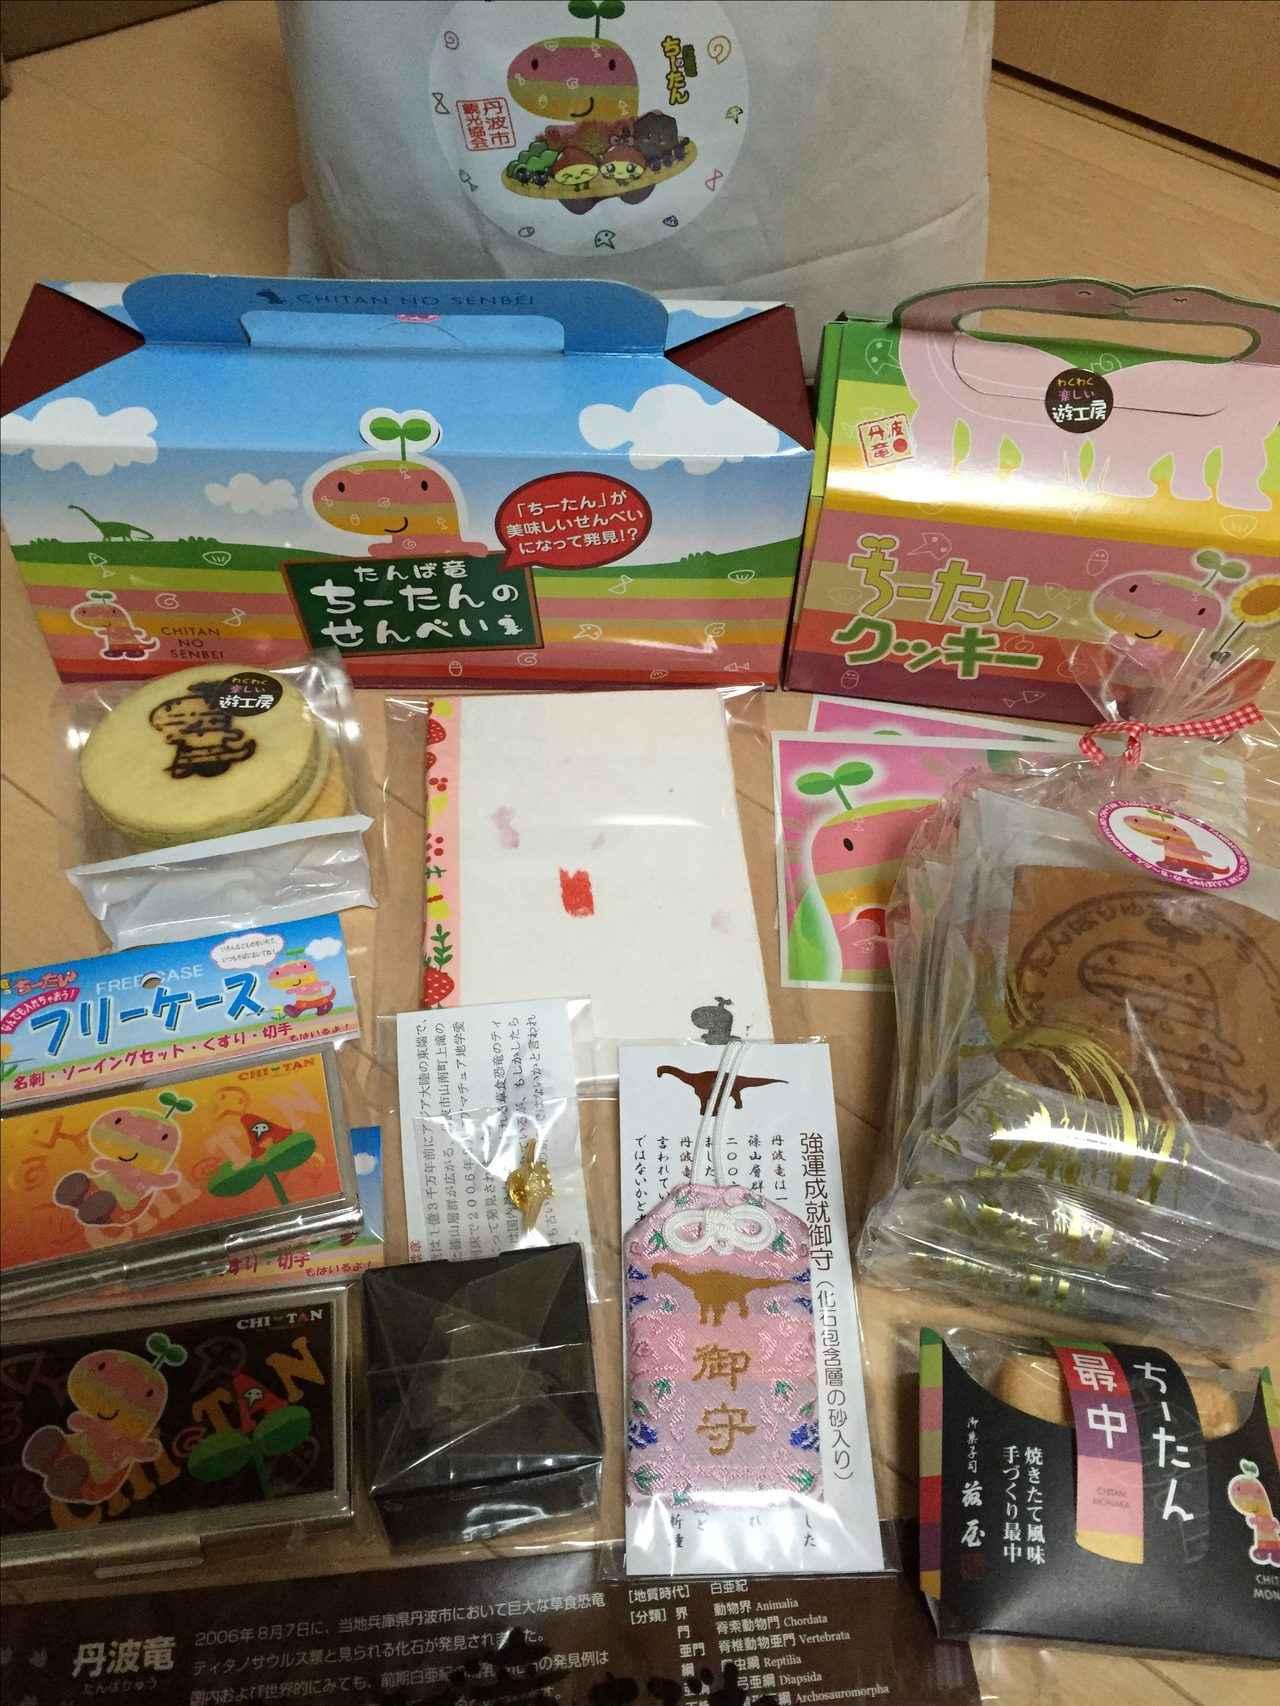 画像: ちーたんの館での生田晴香が買ったお土産